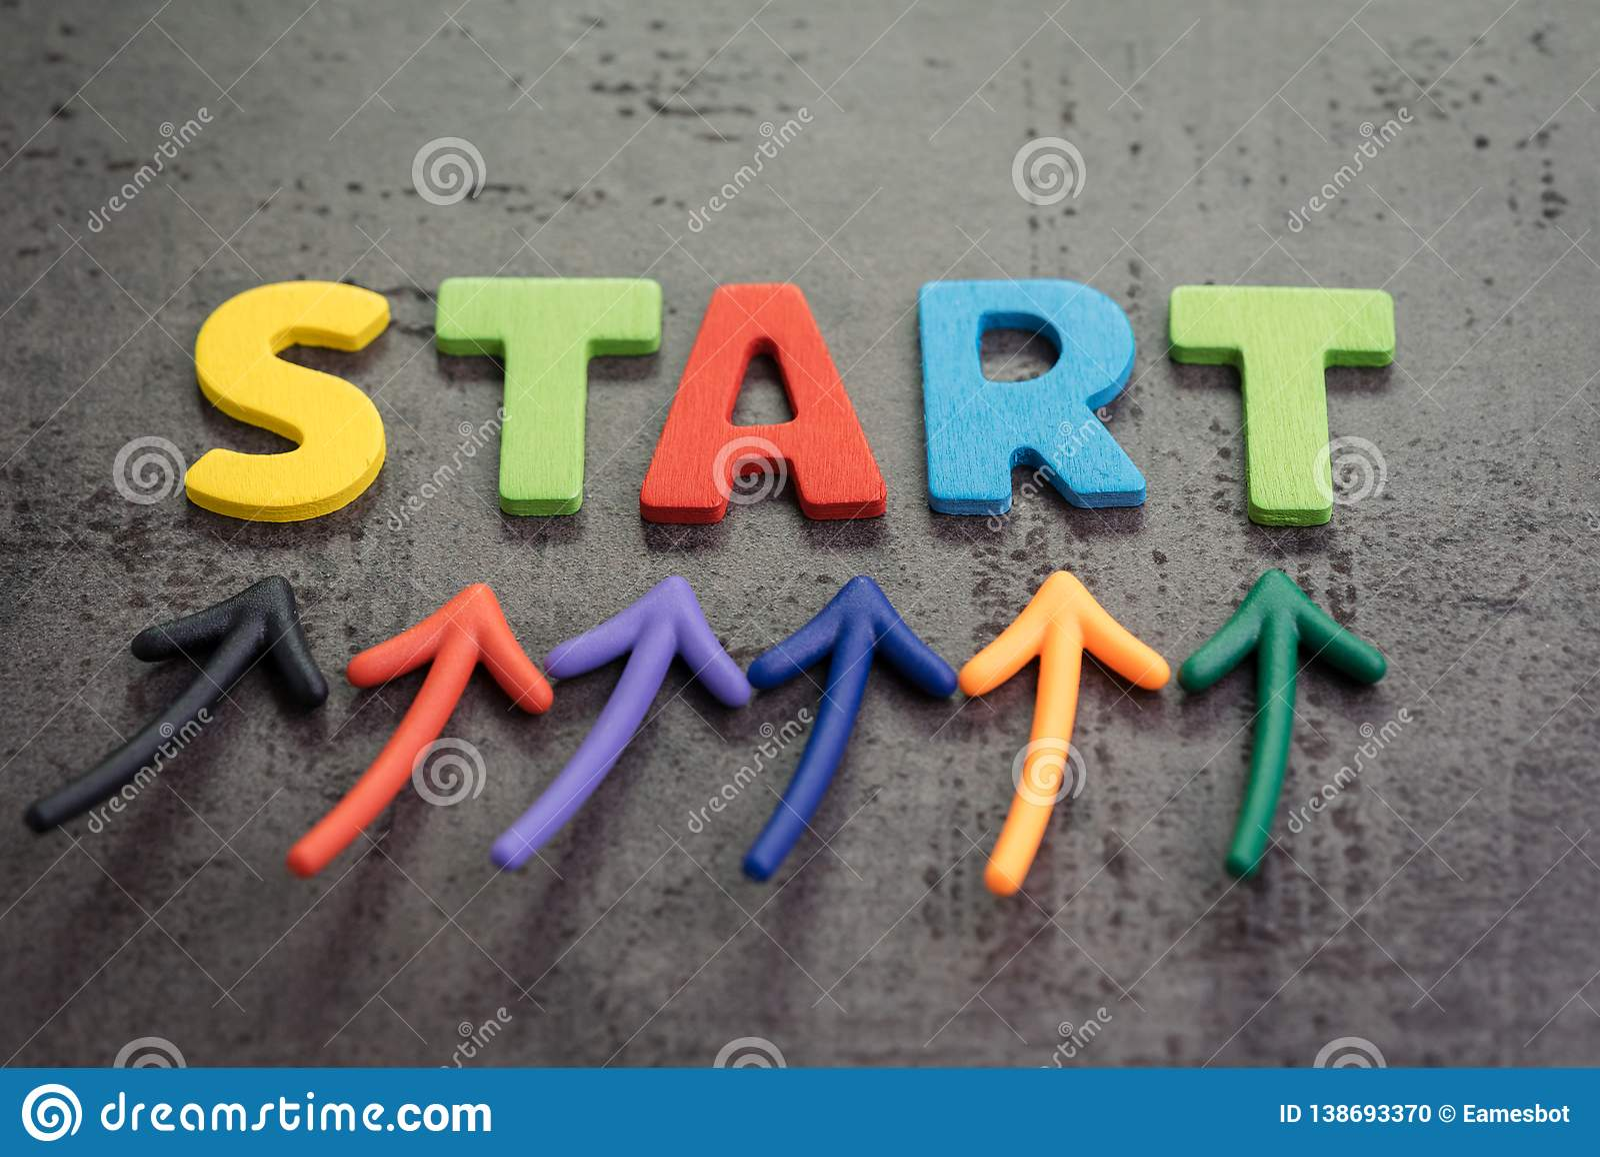 企业开始或开始新的生活旅途概念,五颜六色的箭头指向由在黑板水泥墙壁上的词开始决定